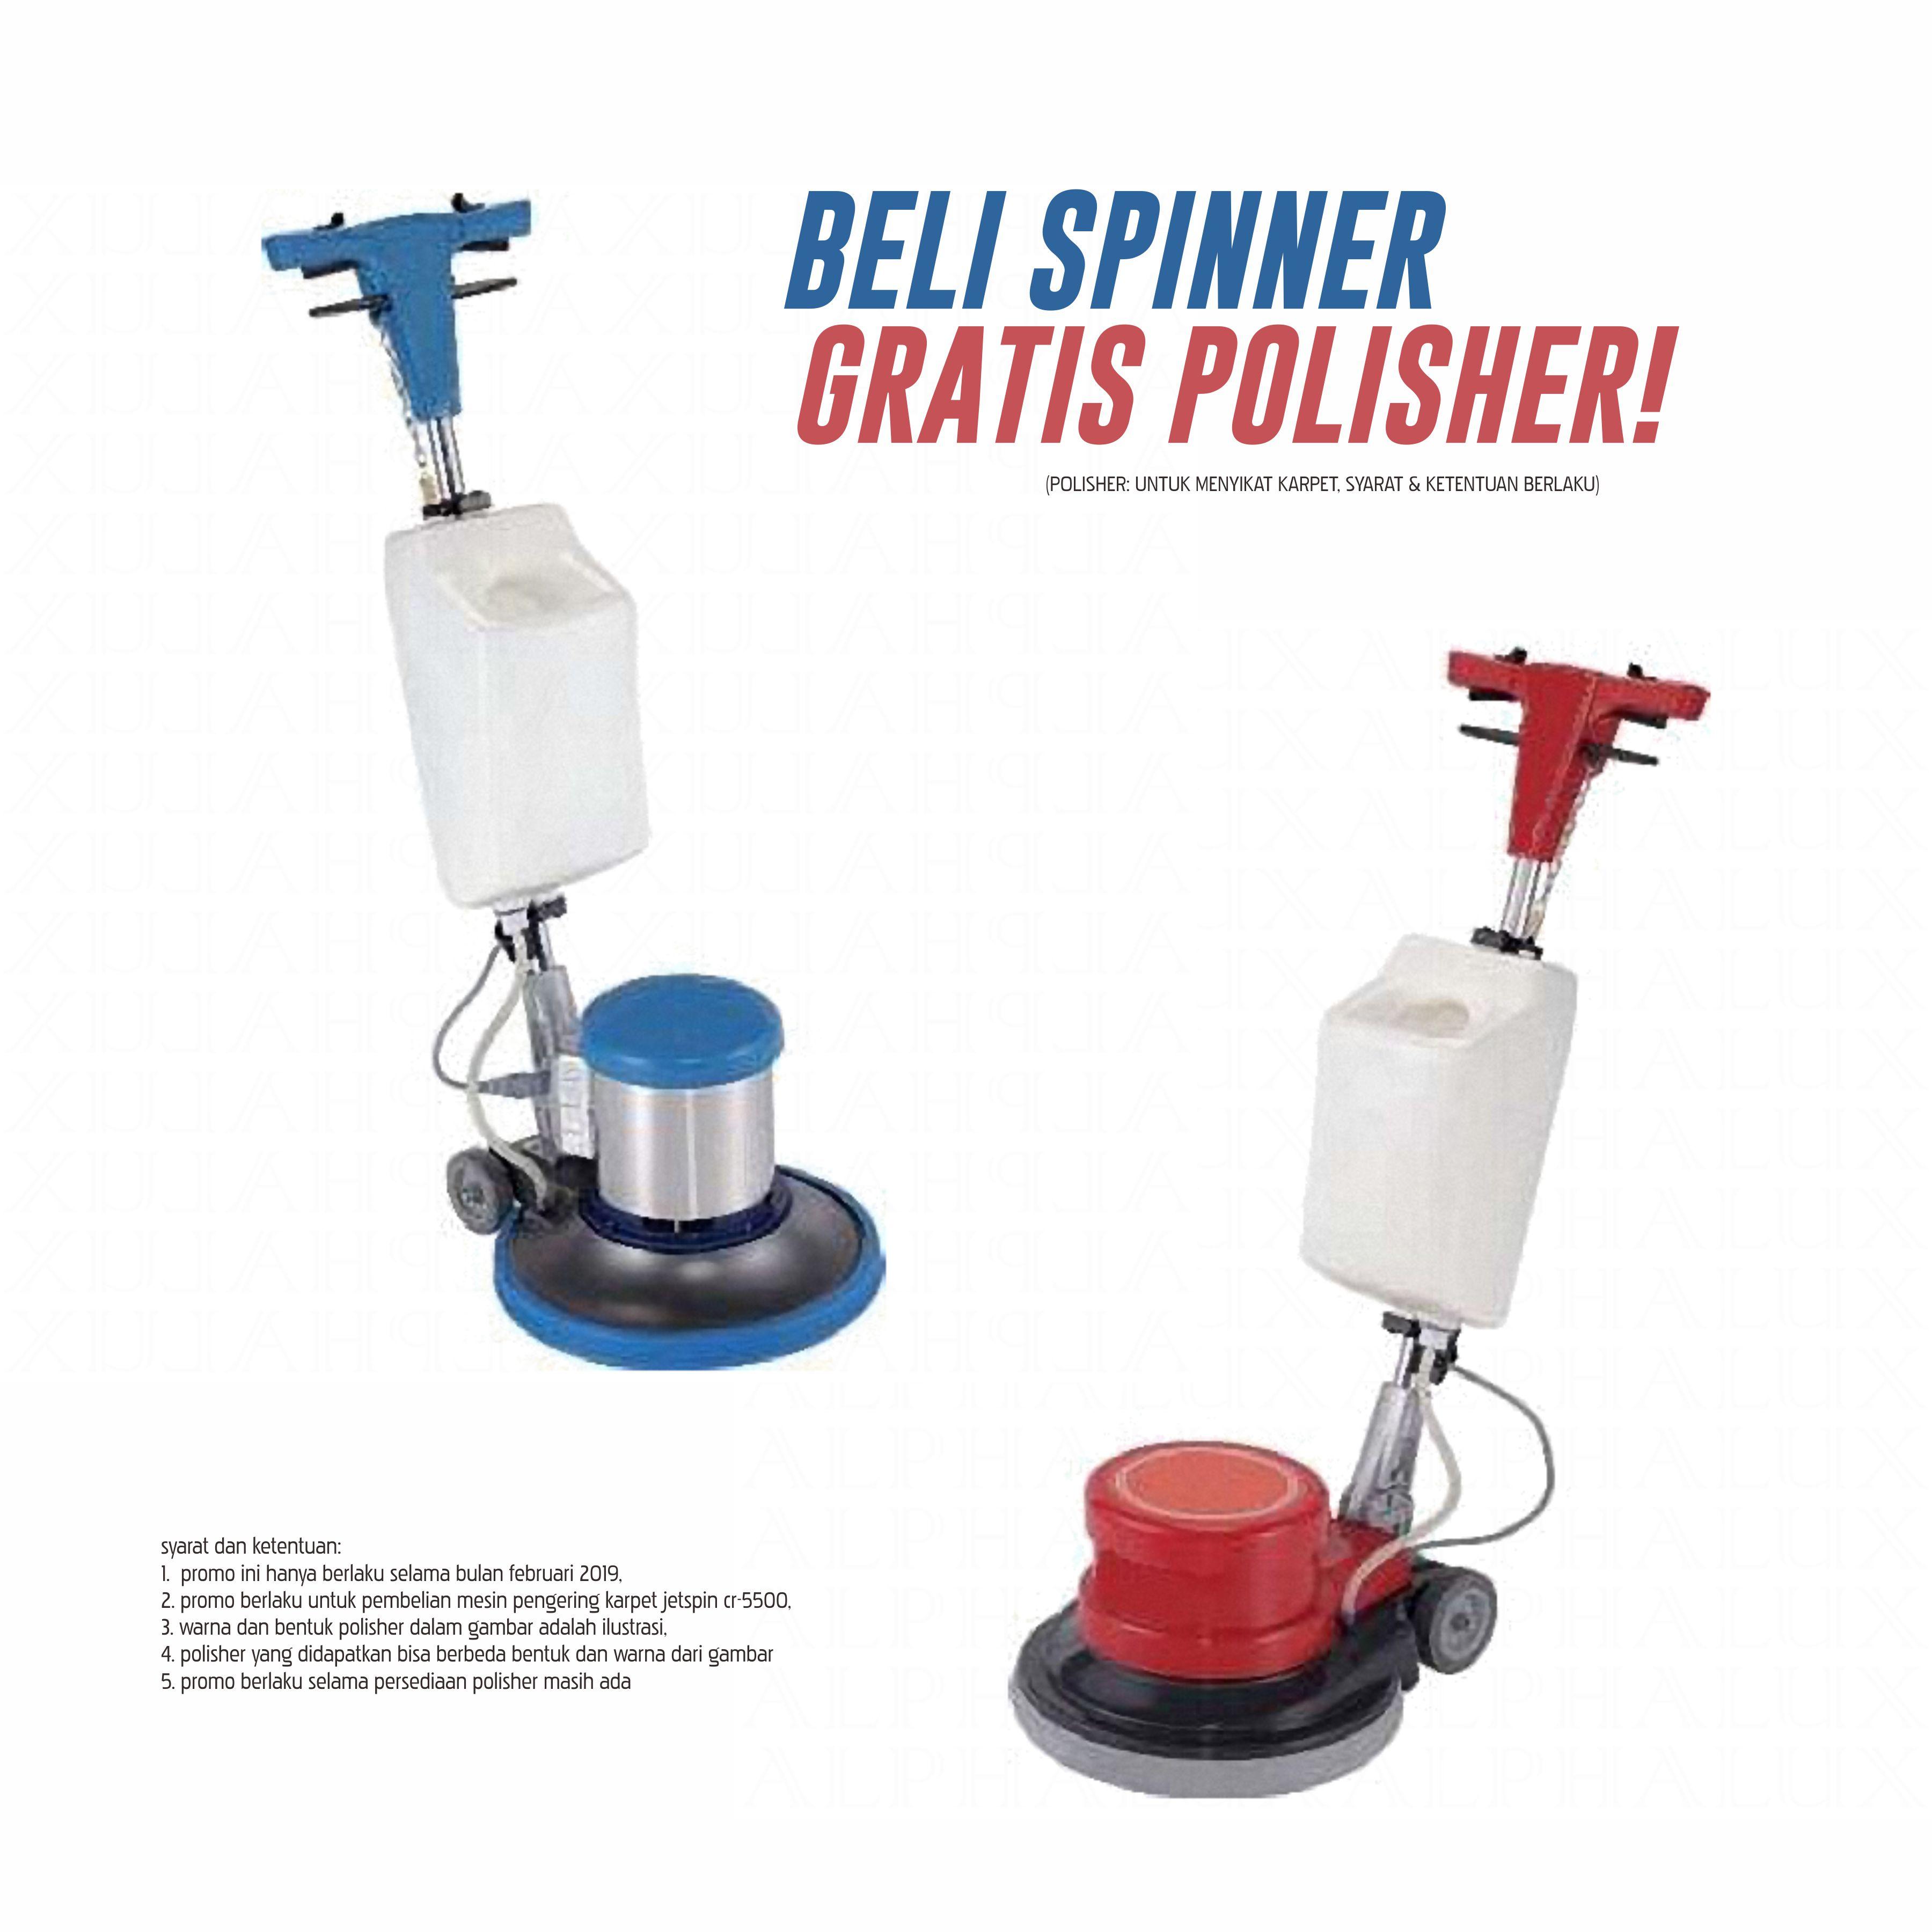 Promo Beli Spinner Gratis Polisher - Februari '19